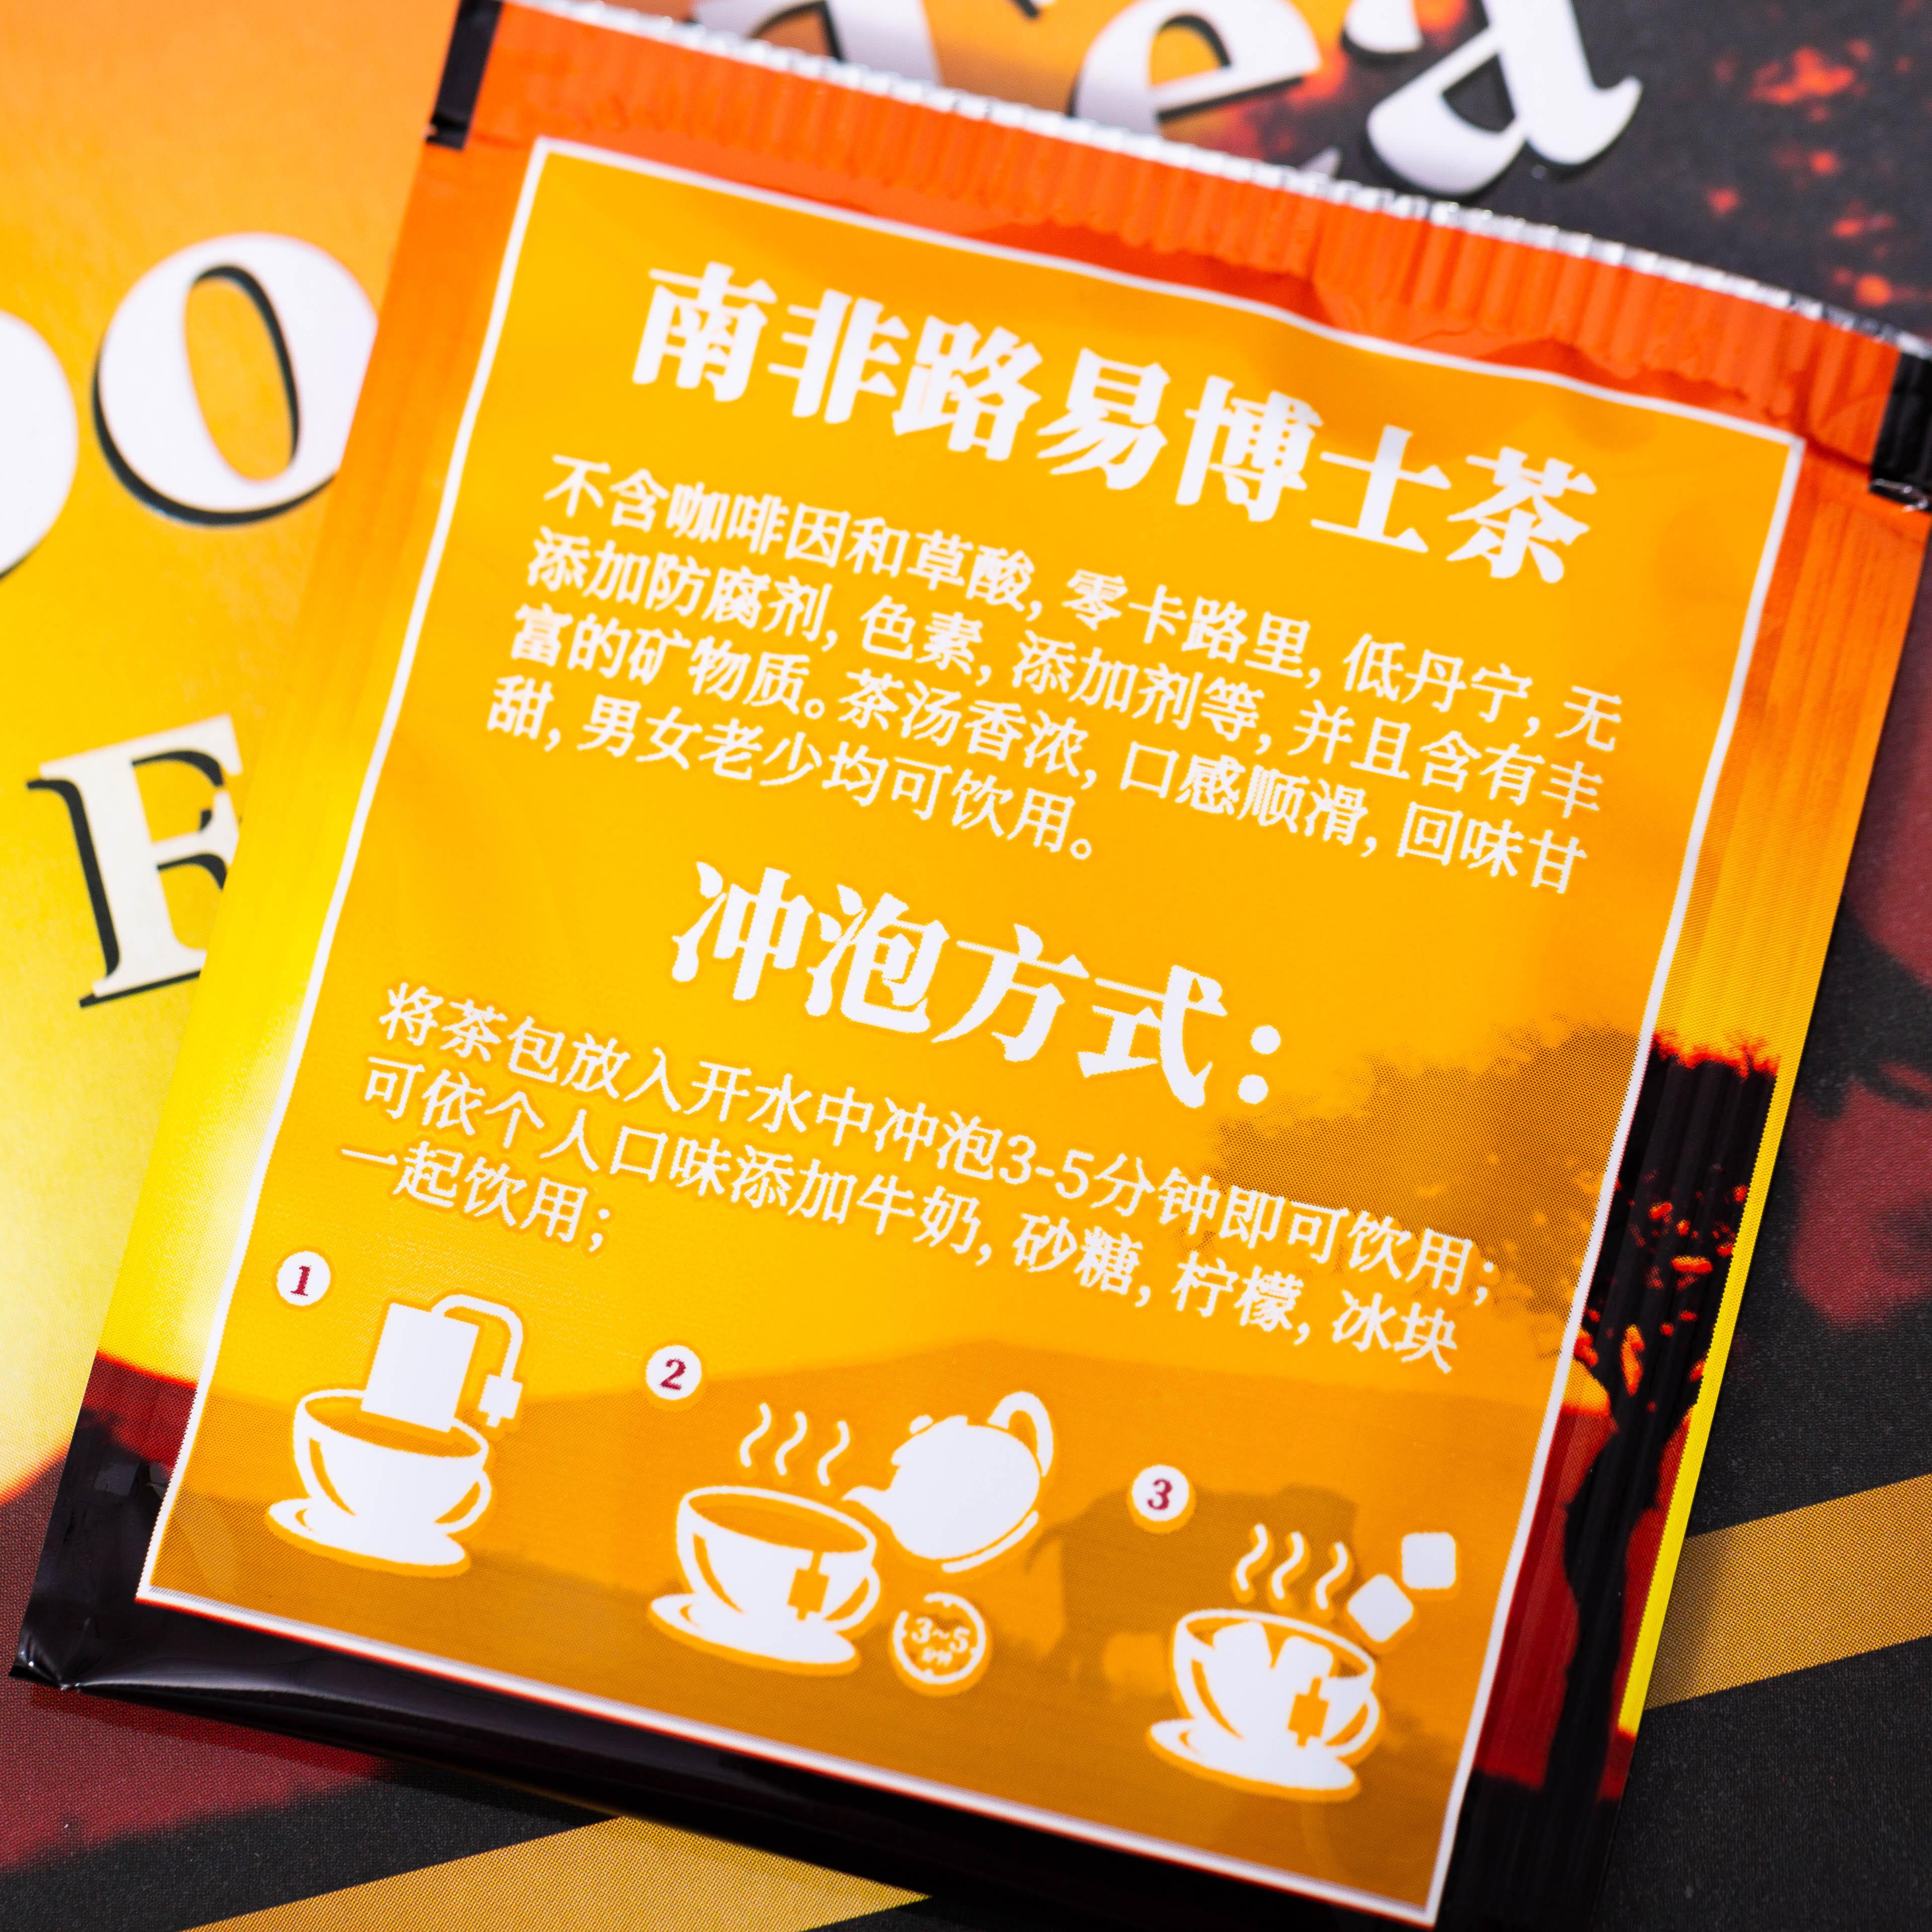 「可以喝的神仙水」开普山谷南非博士茶 Rooibos路易波士国宝红茶无咖啡因 美容养颜  0卡路里 无糖分  孕妇可喝100袋/盒 商品图11